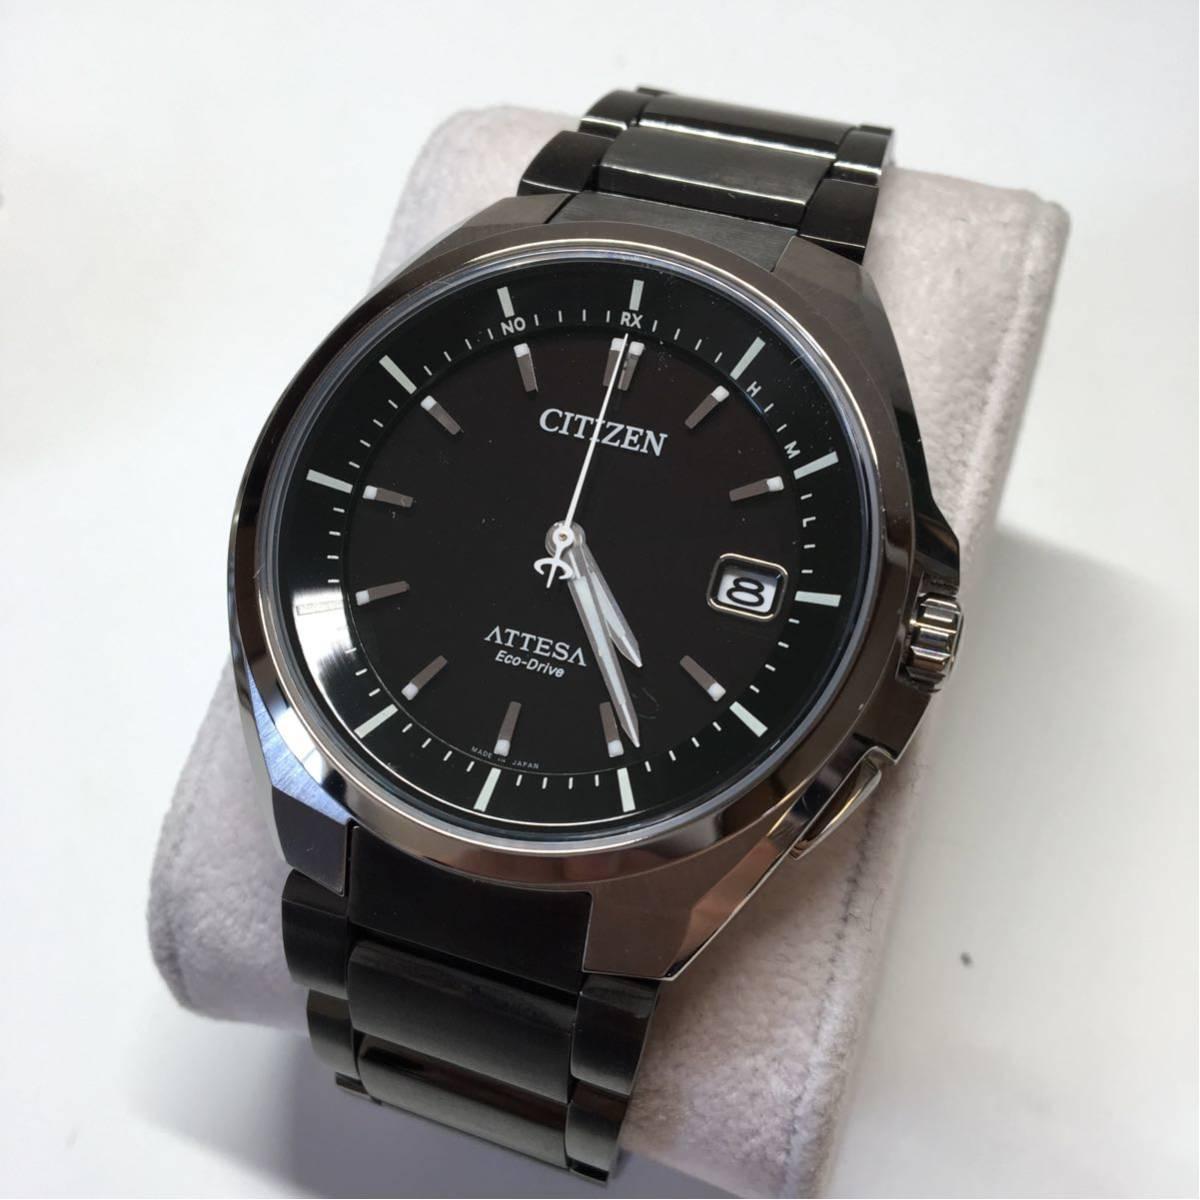 CITIZEN シチズン エコドライブ ATTESA 美品 ジャンク メンズ 腕時計_画像2